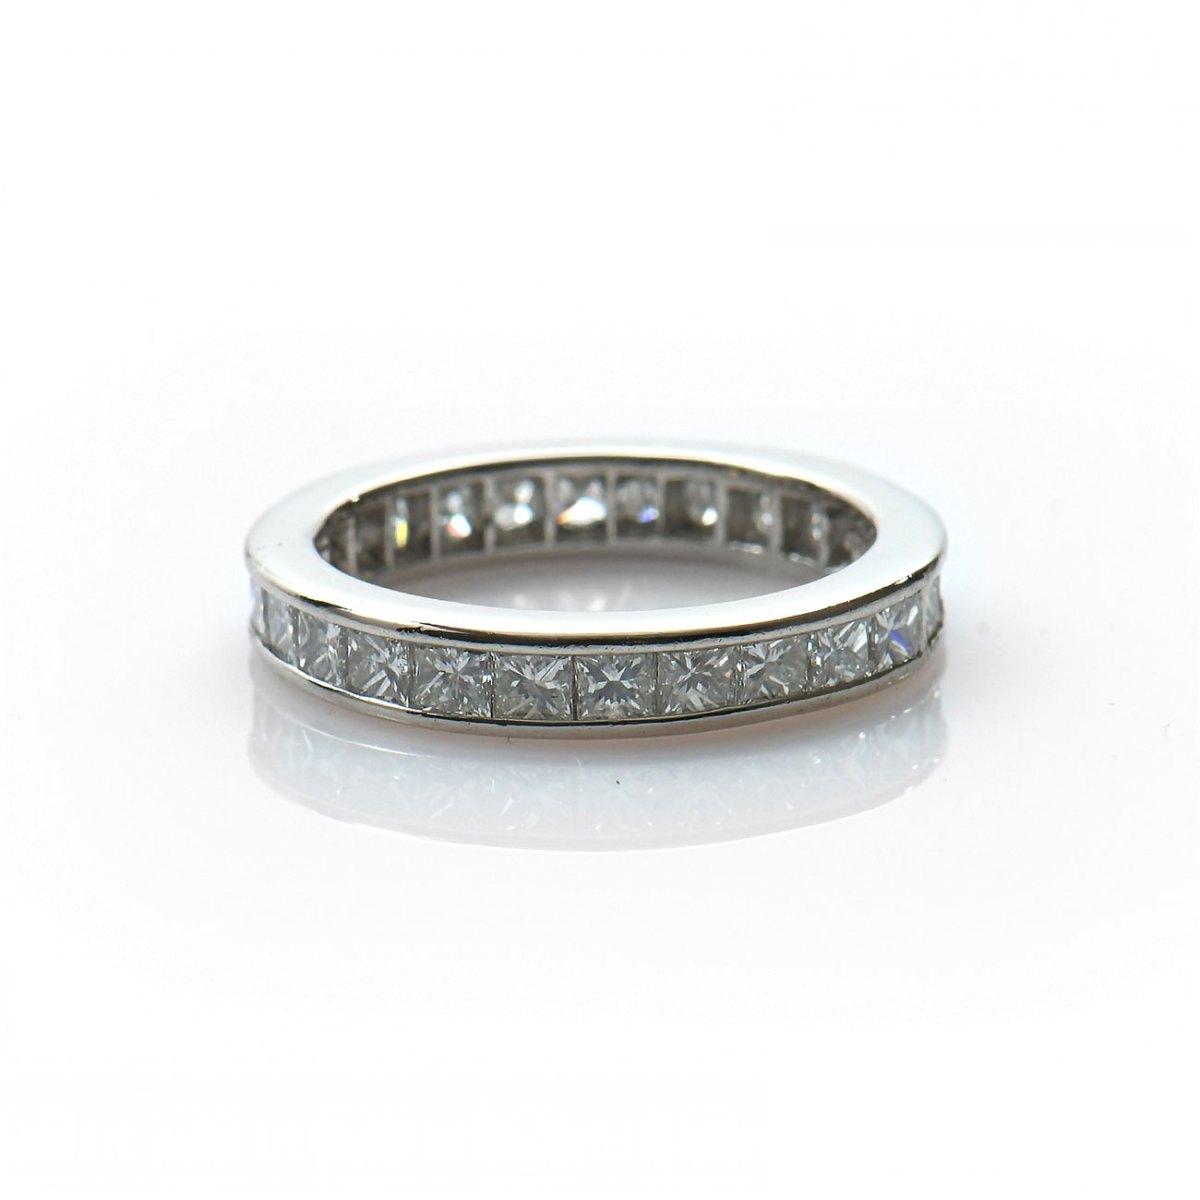 Alliance américaine diamants princesse 2,60ct, serti rail sur or blanc 750‰, taille 53, Réf. | EVENOR Joaillerie • Bijoux neufs & Vintage